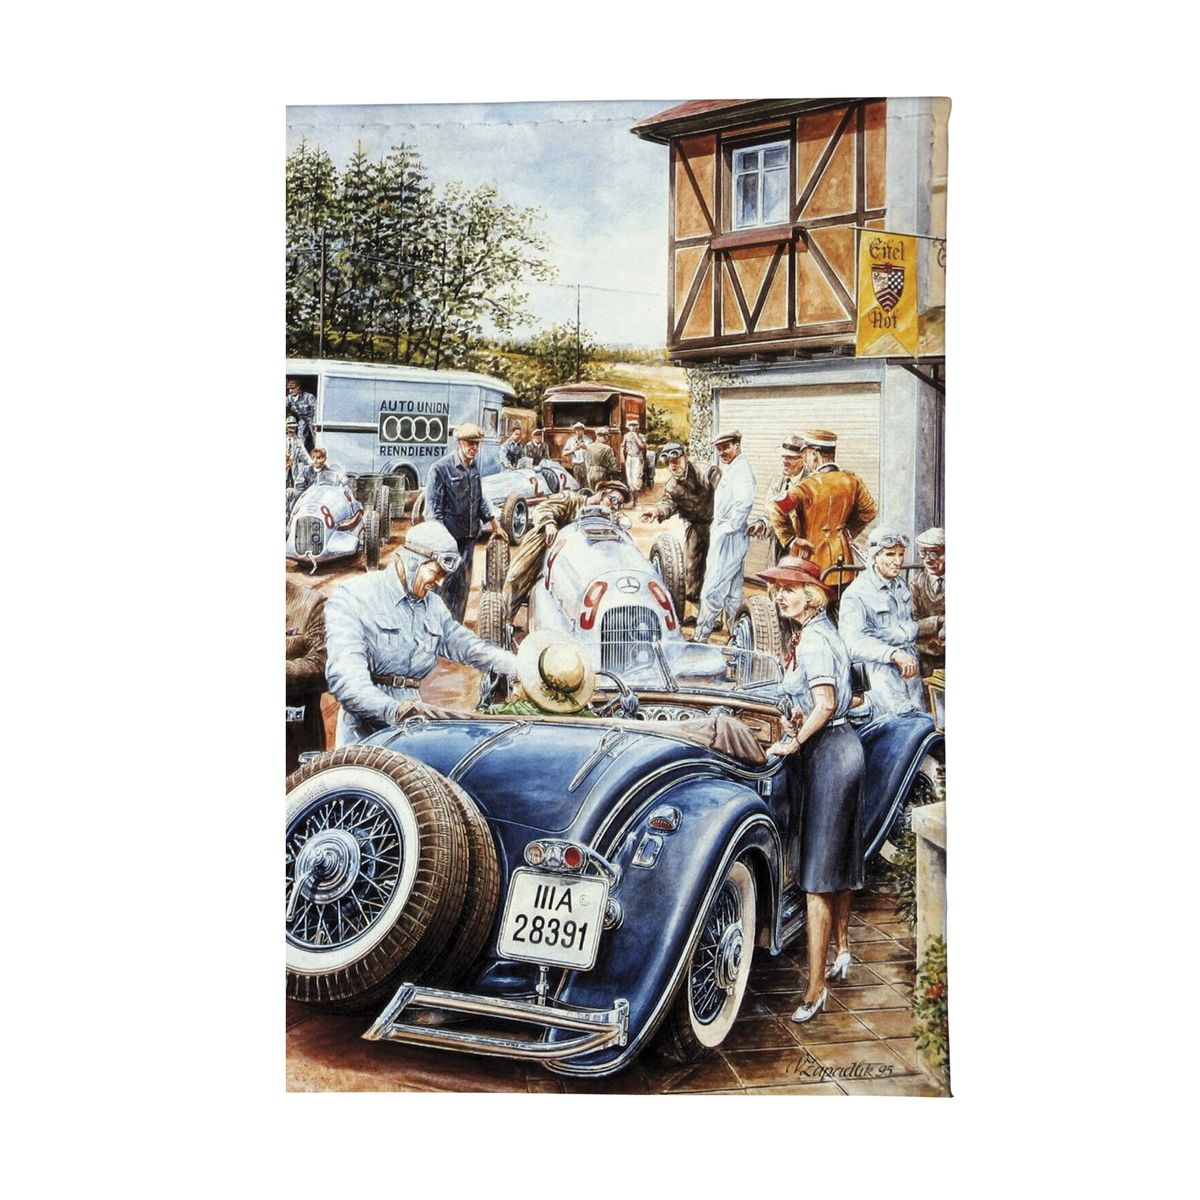 Обложка для автодокументов Ретро-гонка Арт. AUTO077 обложка для автодокументов женская mitya veselkov щас спою цвет белый auto389